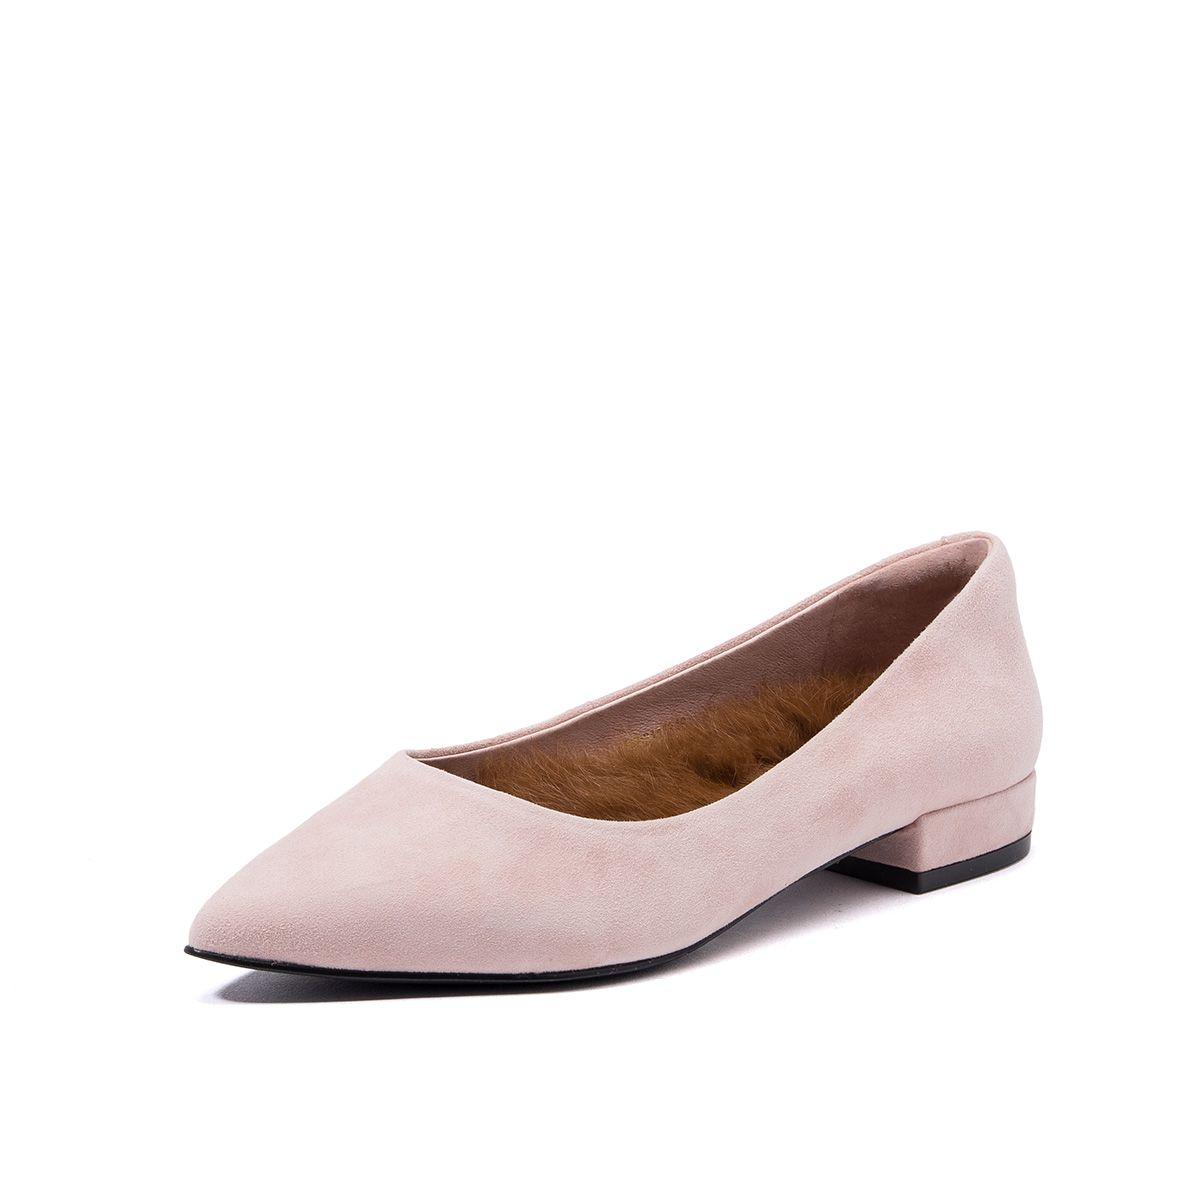 星期六星期六羊皮毛毛鞋尖头浅口低跟粗跟女单鞋女SS8311134631